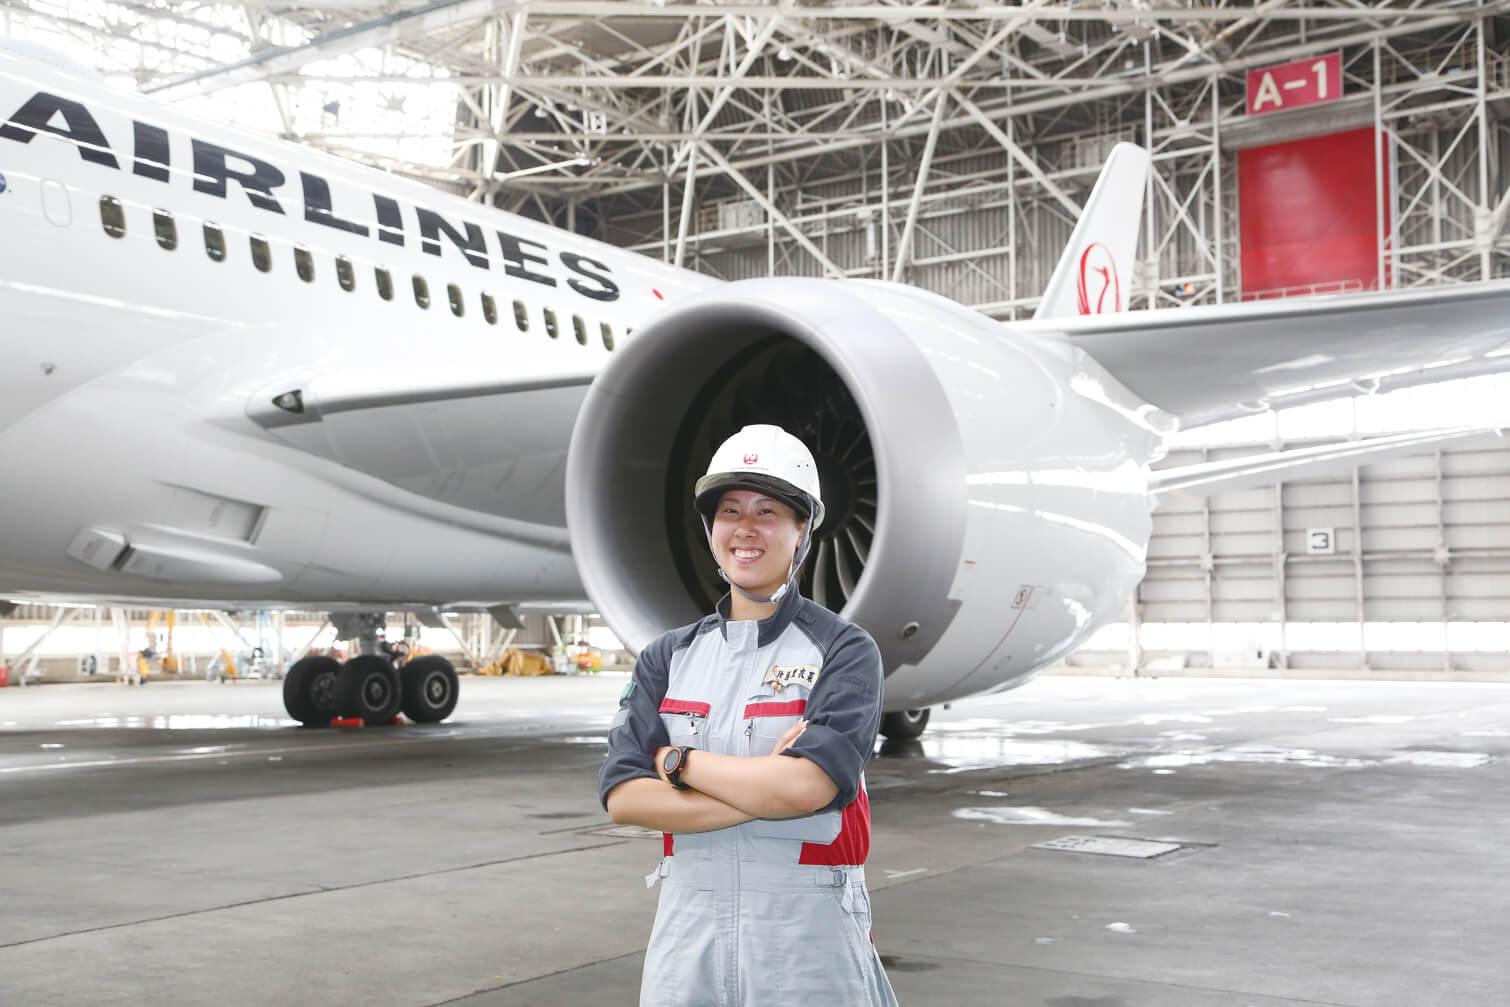 整備士になる1番の近道は日本航空専門学校で学ぶことでした